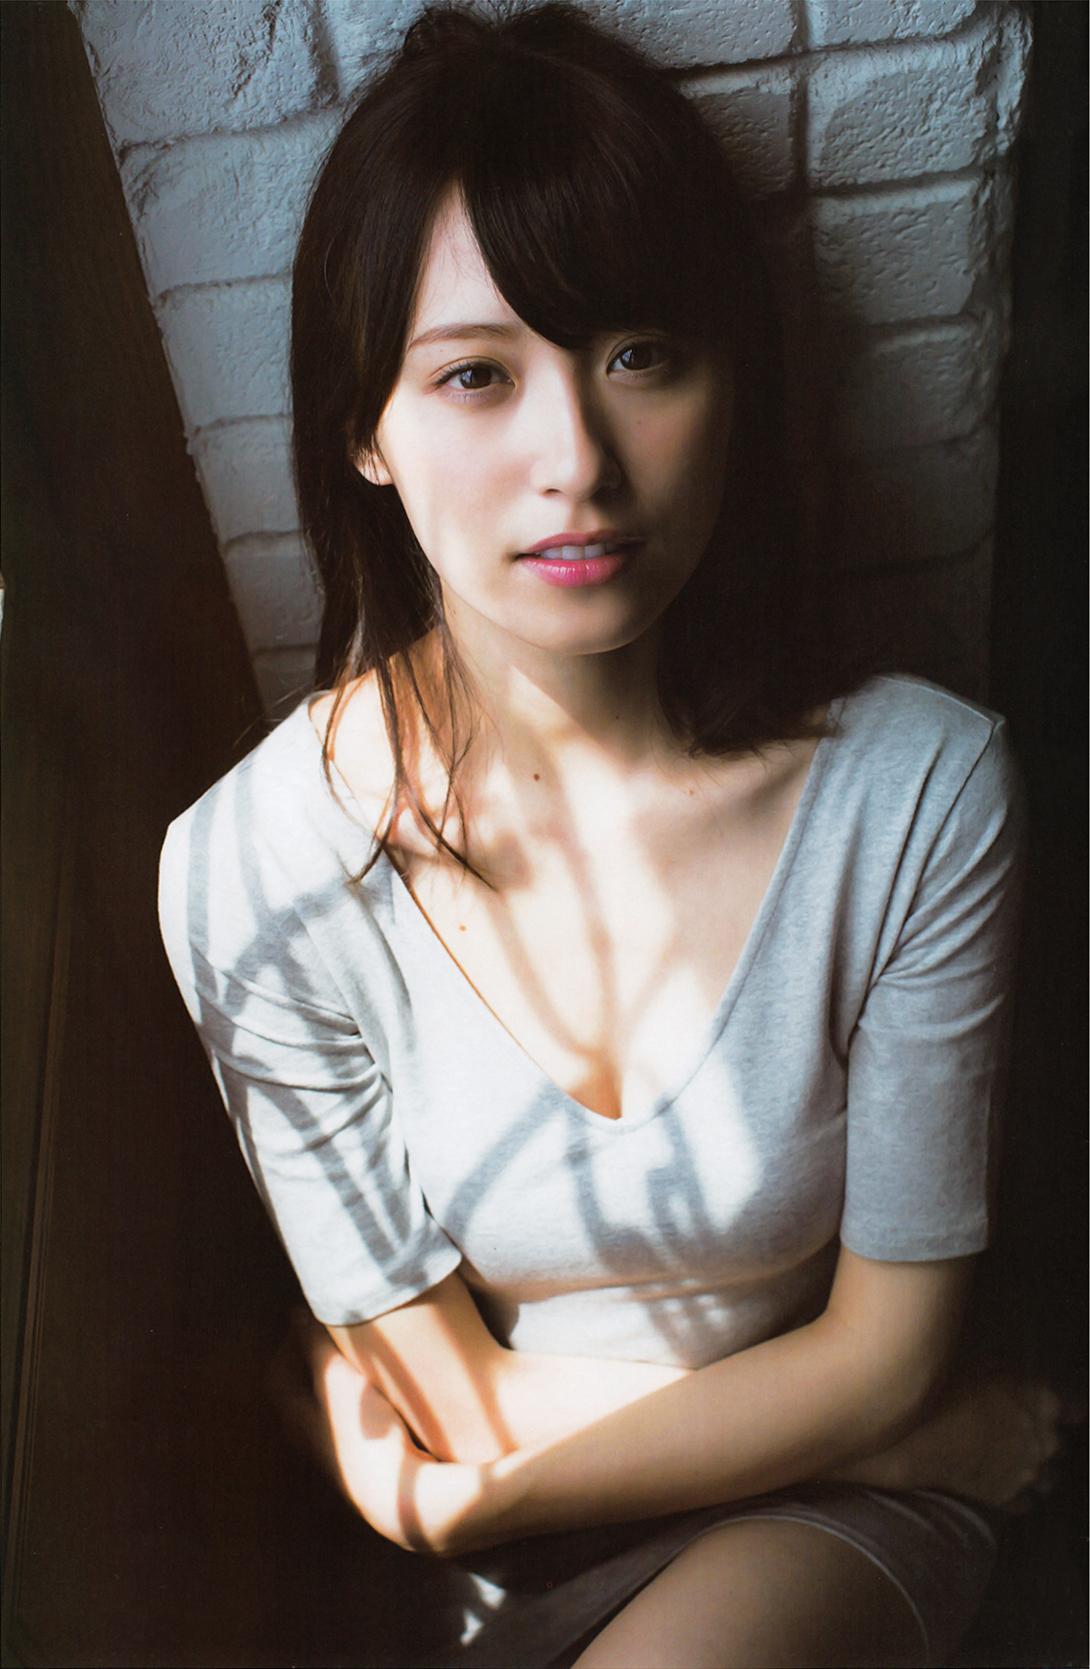 衛藤美彩 最新写真集エロ画像32枚!入浴ヌード、水着姿と豪華絢爛抜き放題!・17枚目の画像